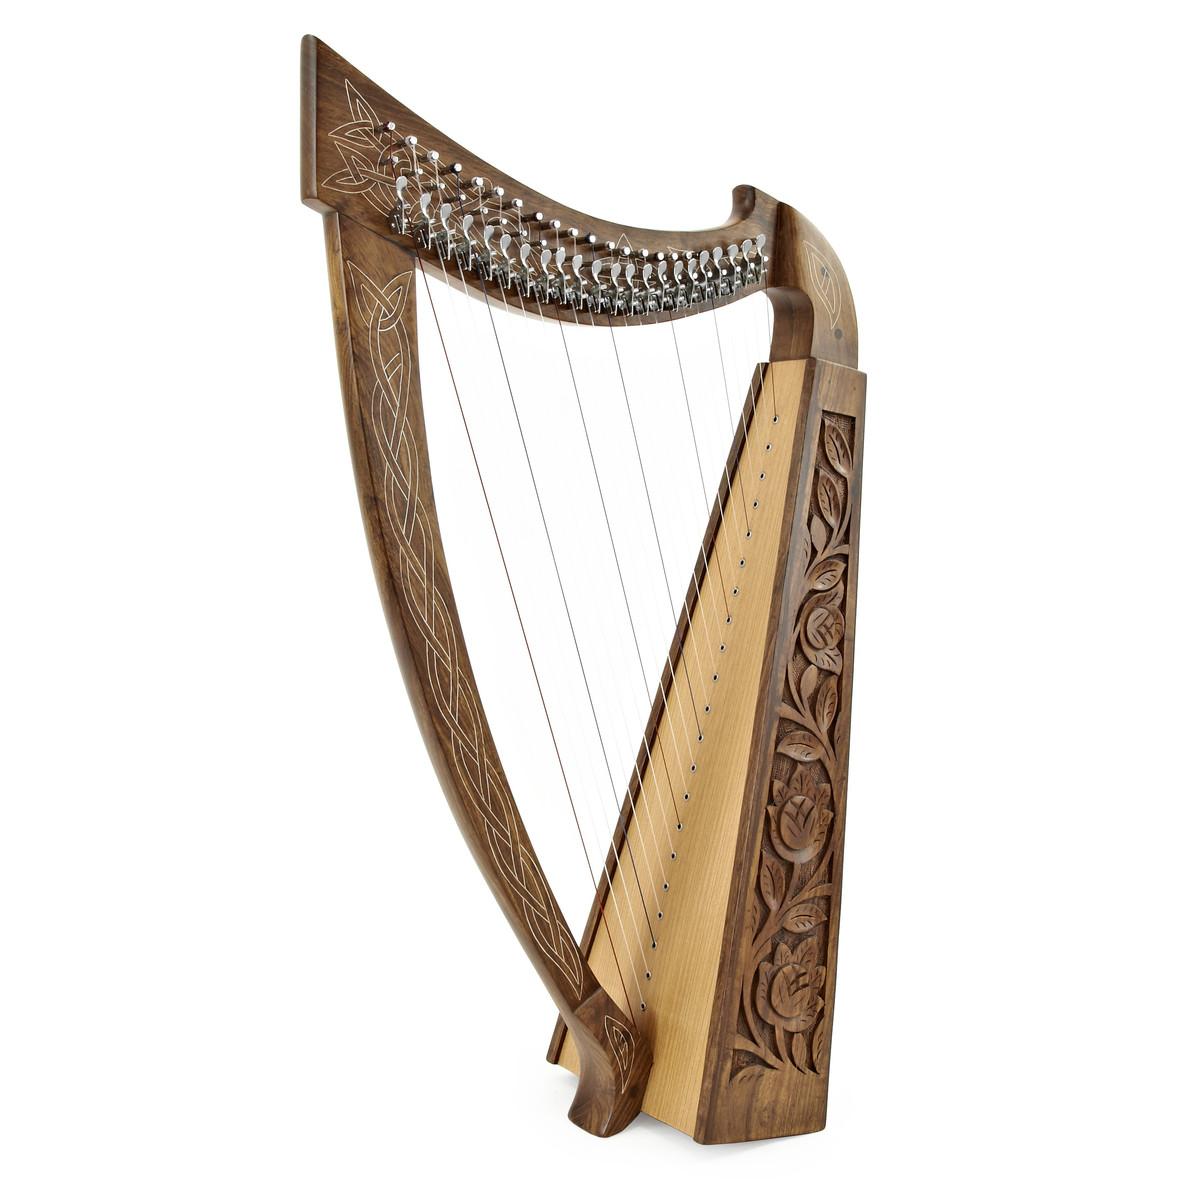 22 string irische harfe mit hebeln von gear4music b. Black Bedroom Furniture Sets. Home Design Ideas